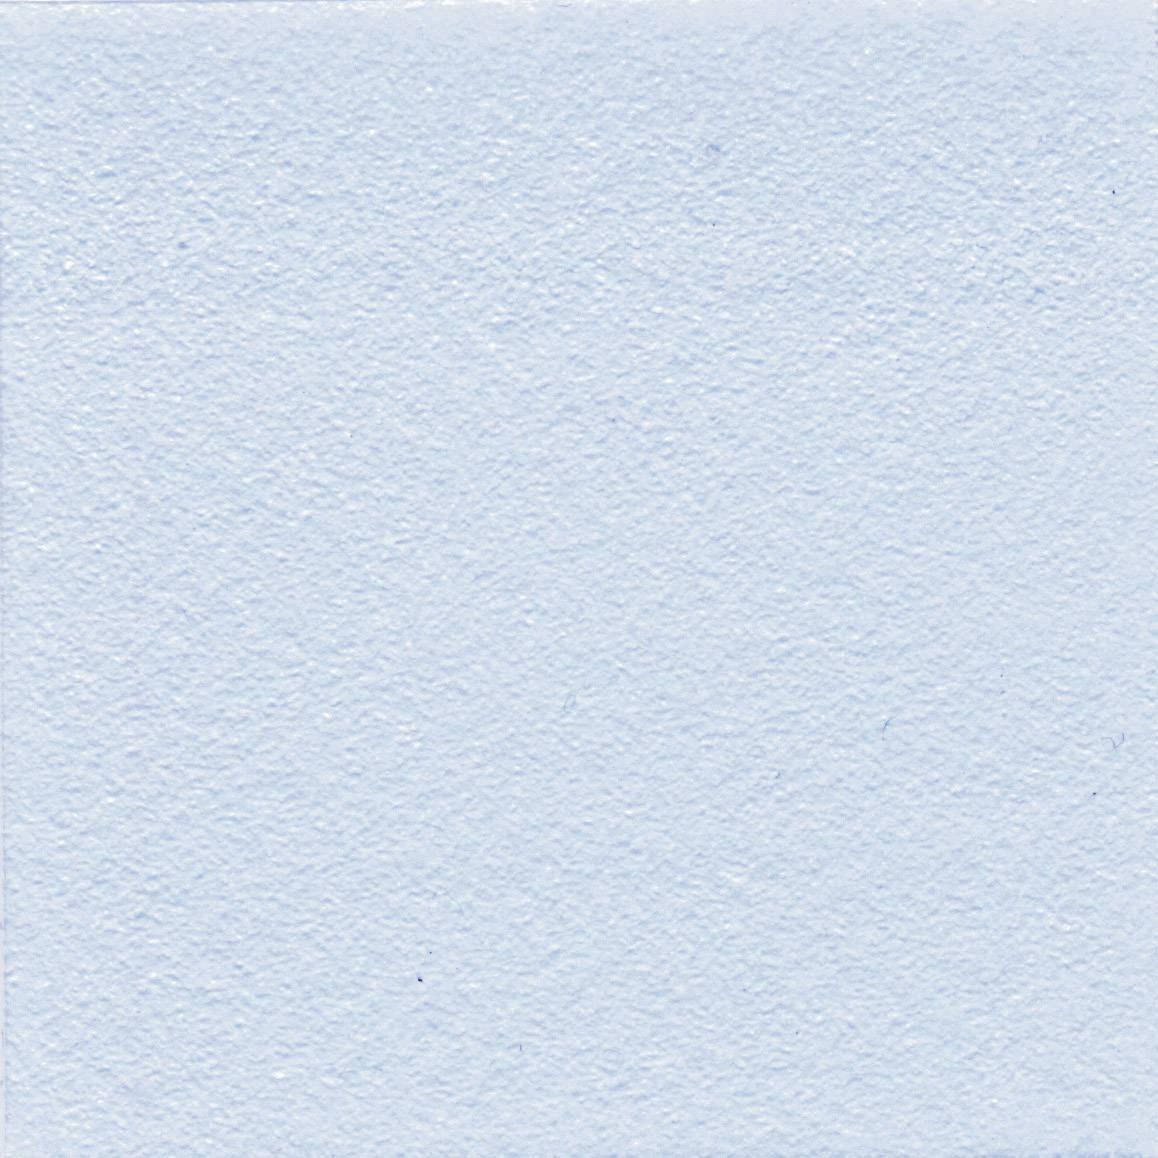 Teplovodivá fólie SoftthermR 86/300 50x50x3 mm